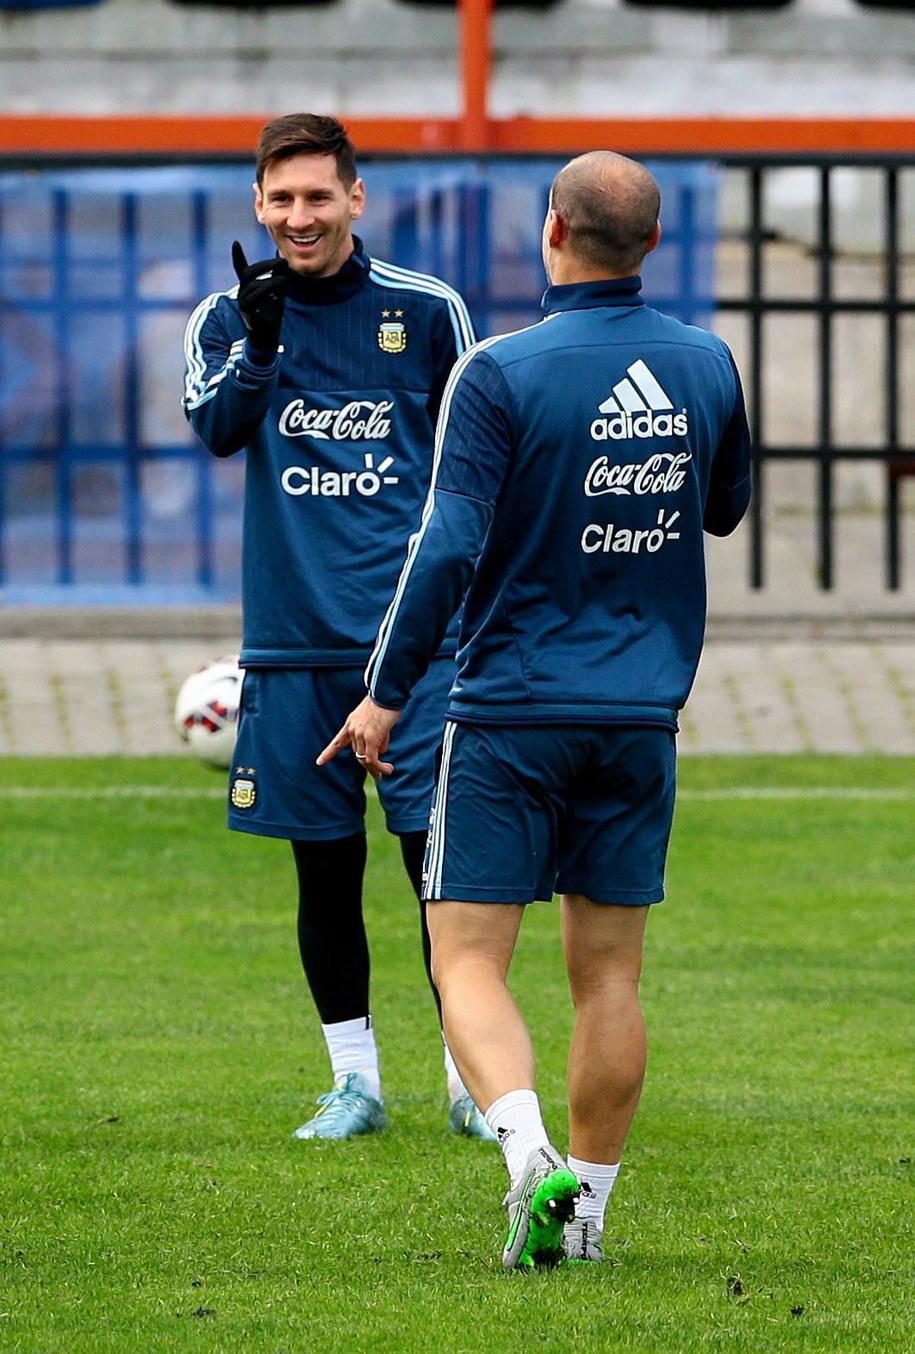 Gwiazdą spotkania będzie m.in. Lionel Messi /OSVALDO VILLARROEL /PAP/EPA